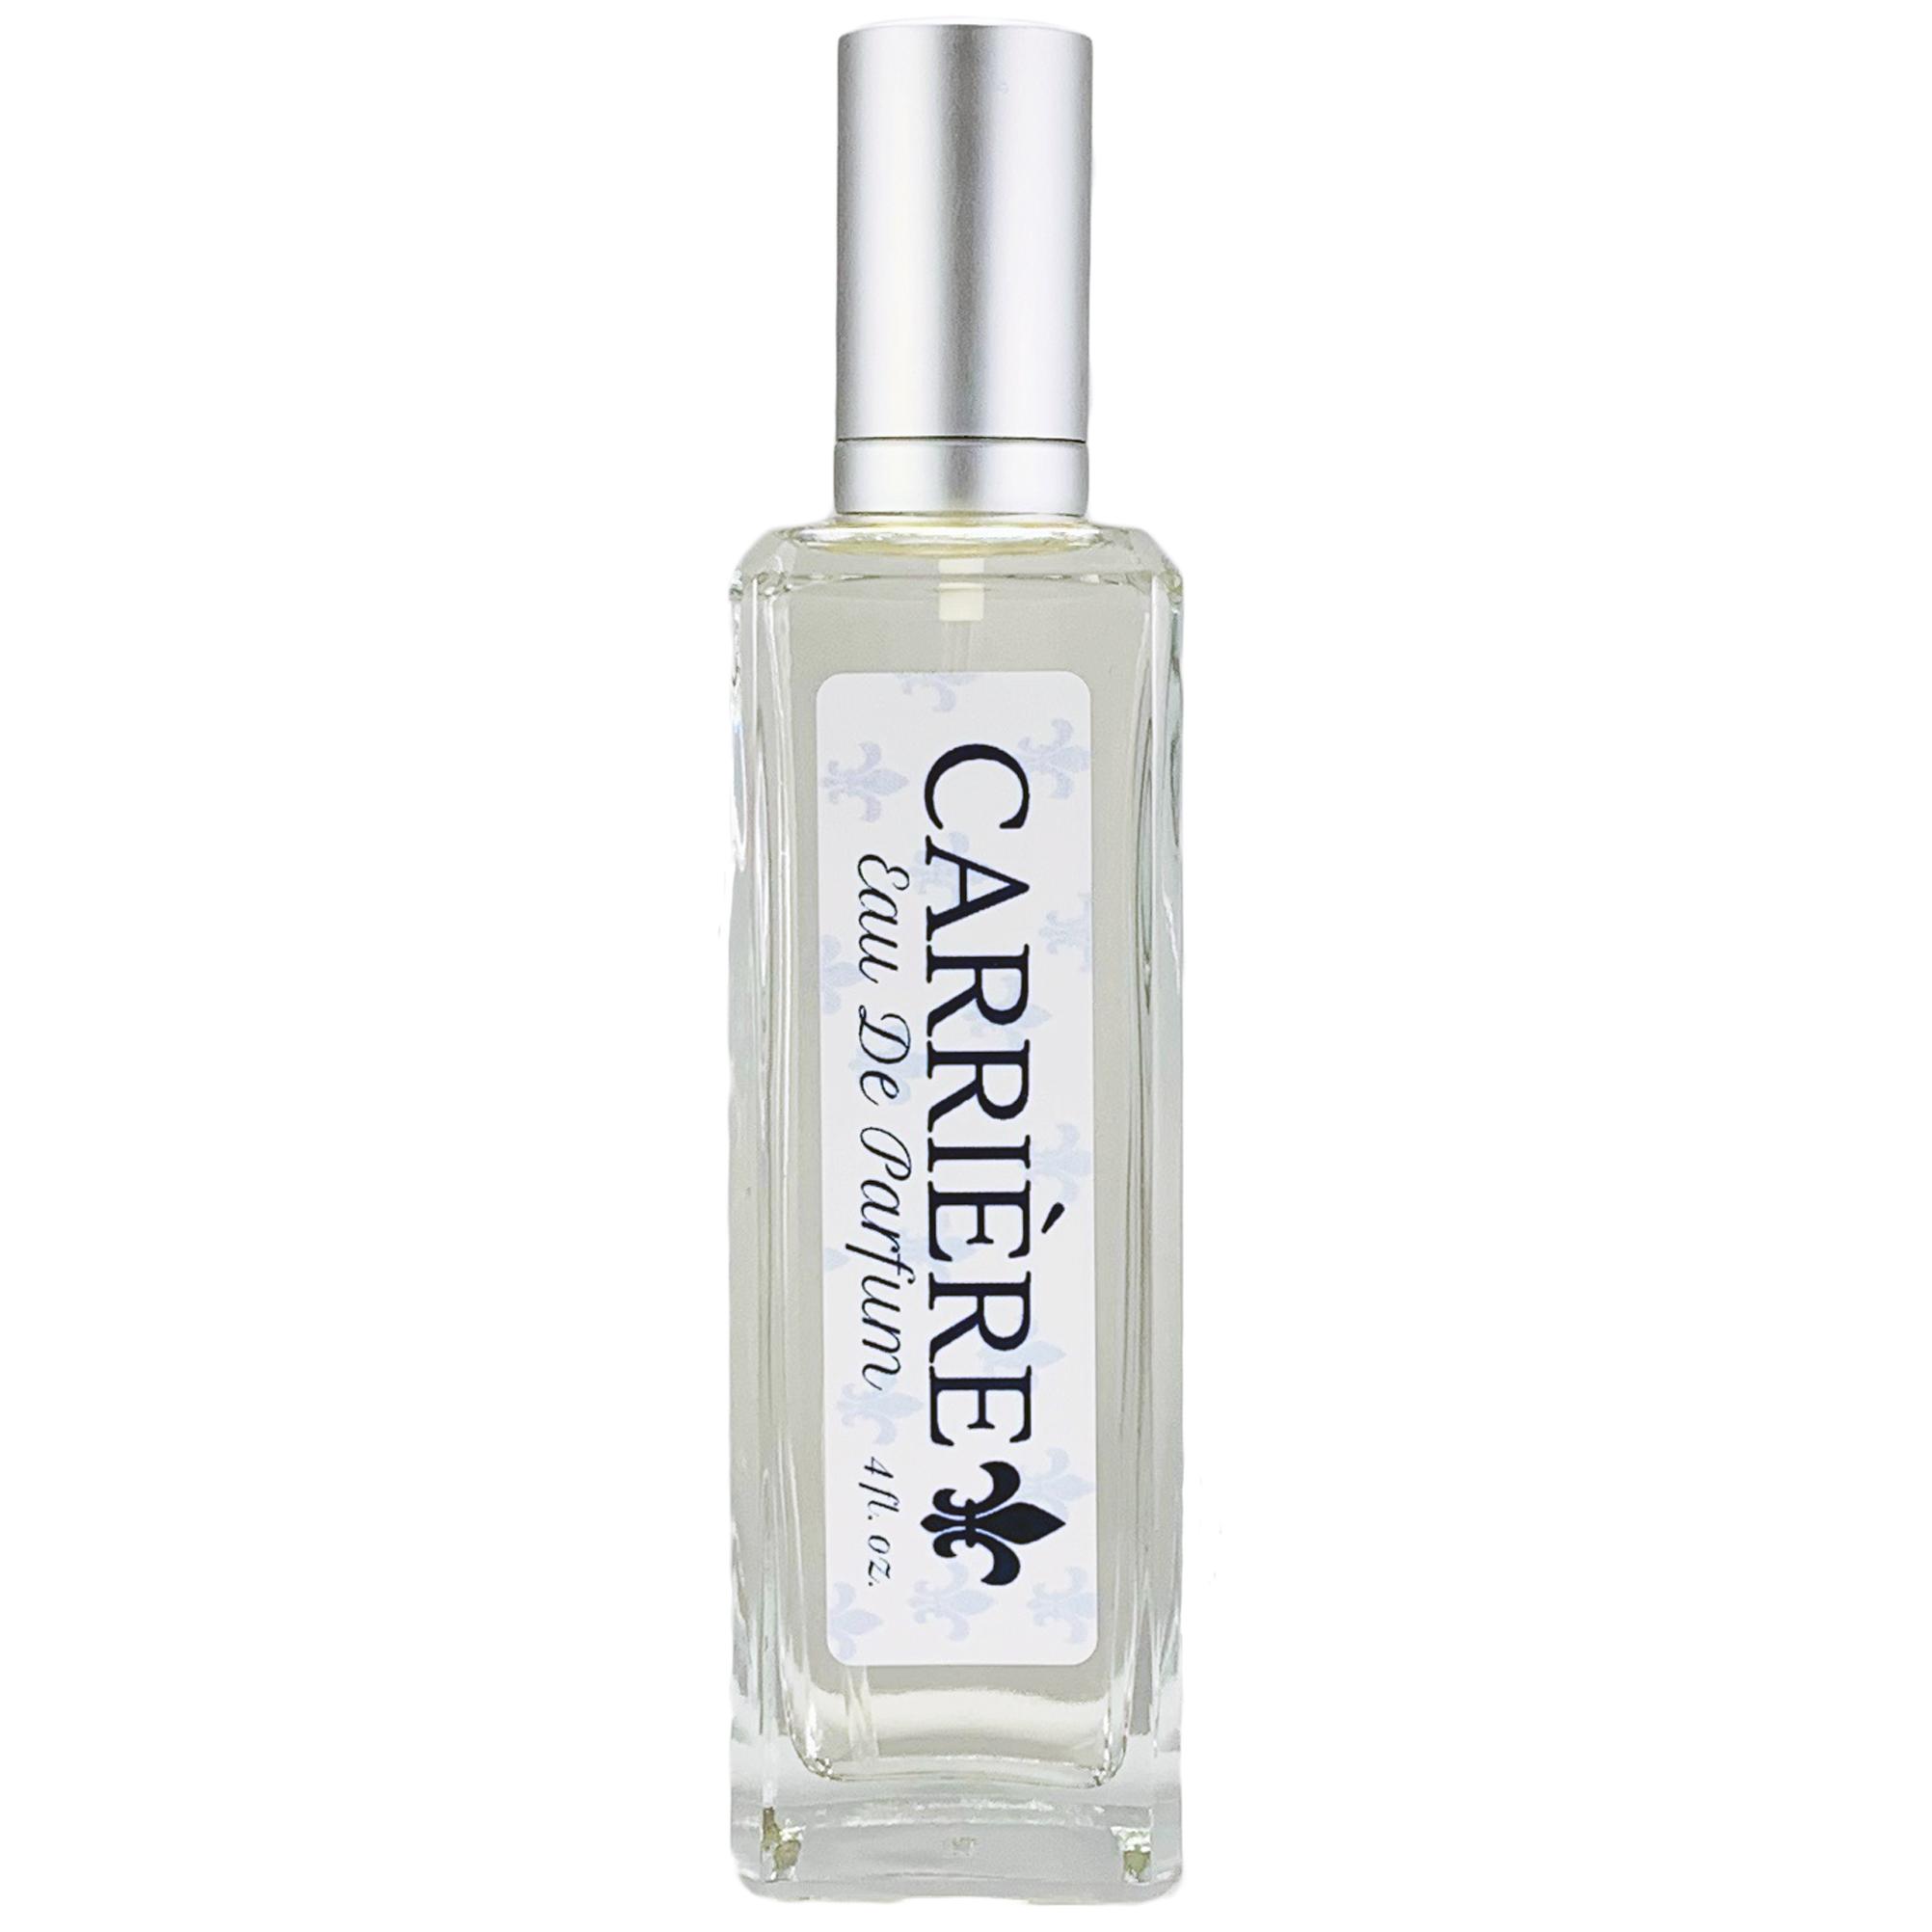 Carrière Edp Gendarme Fragrances